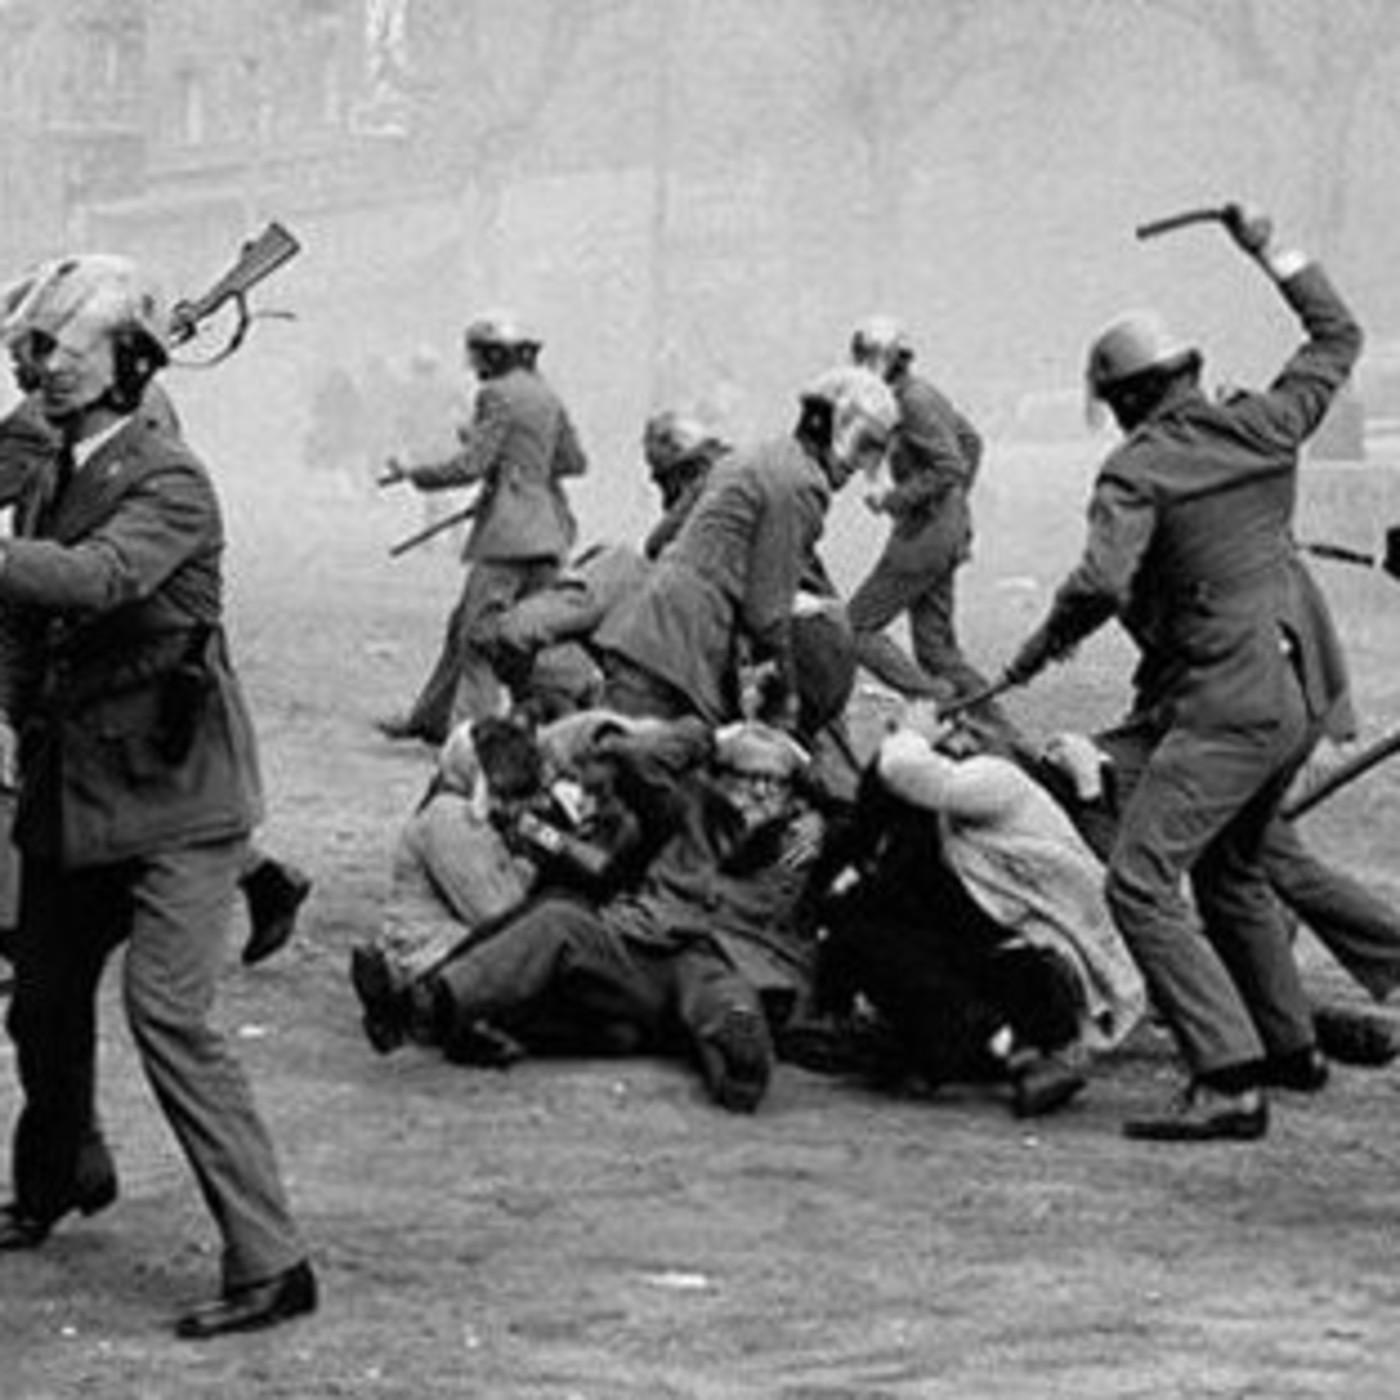 Memorias del 55 - La revolución fusiladora